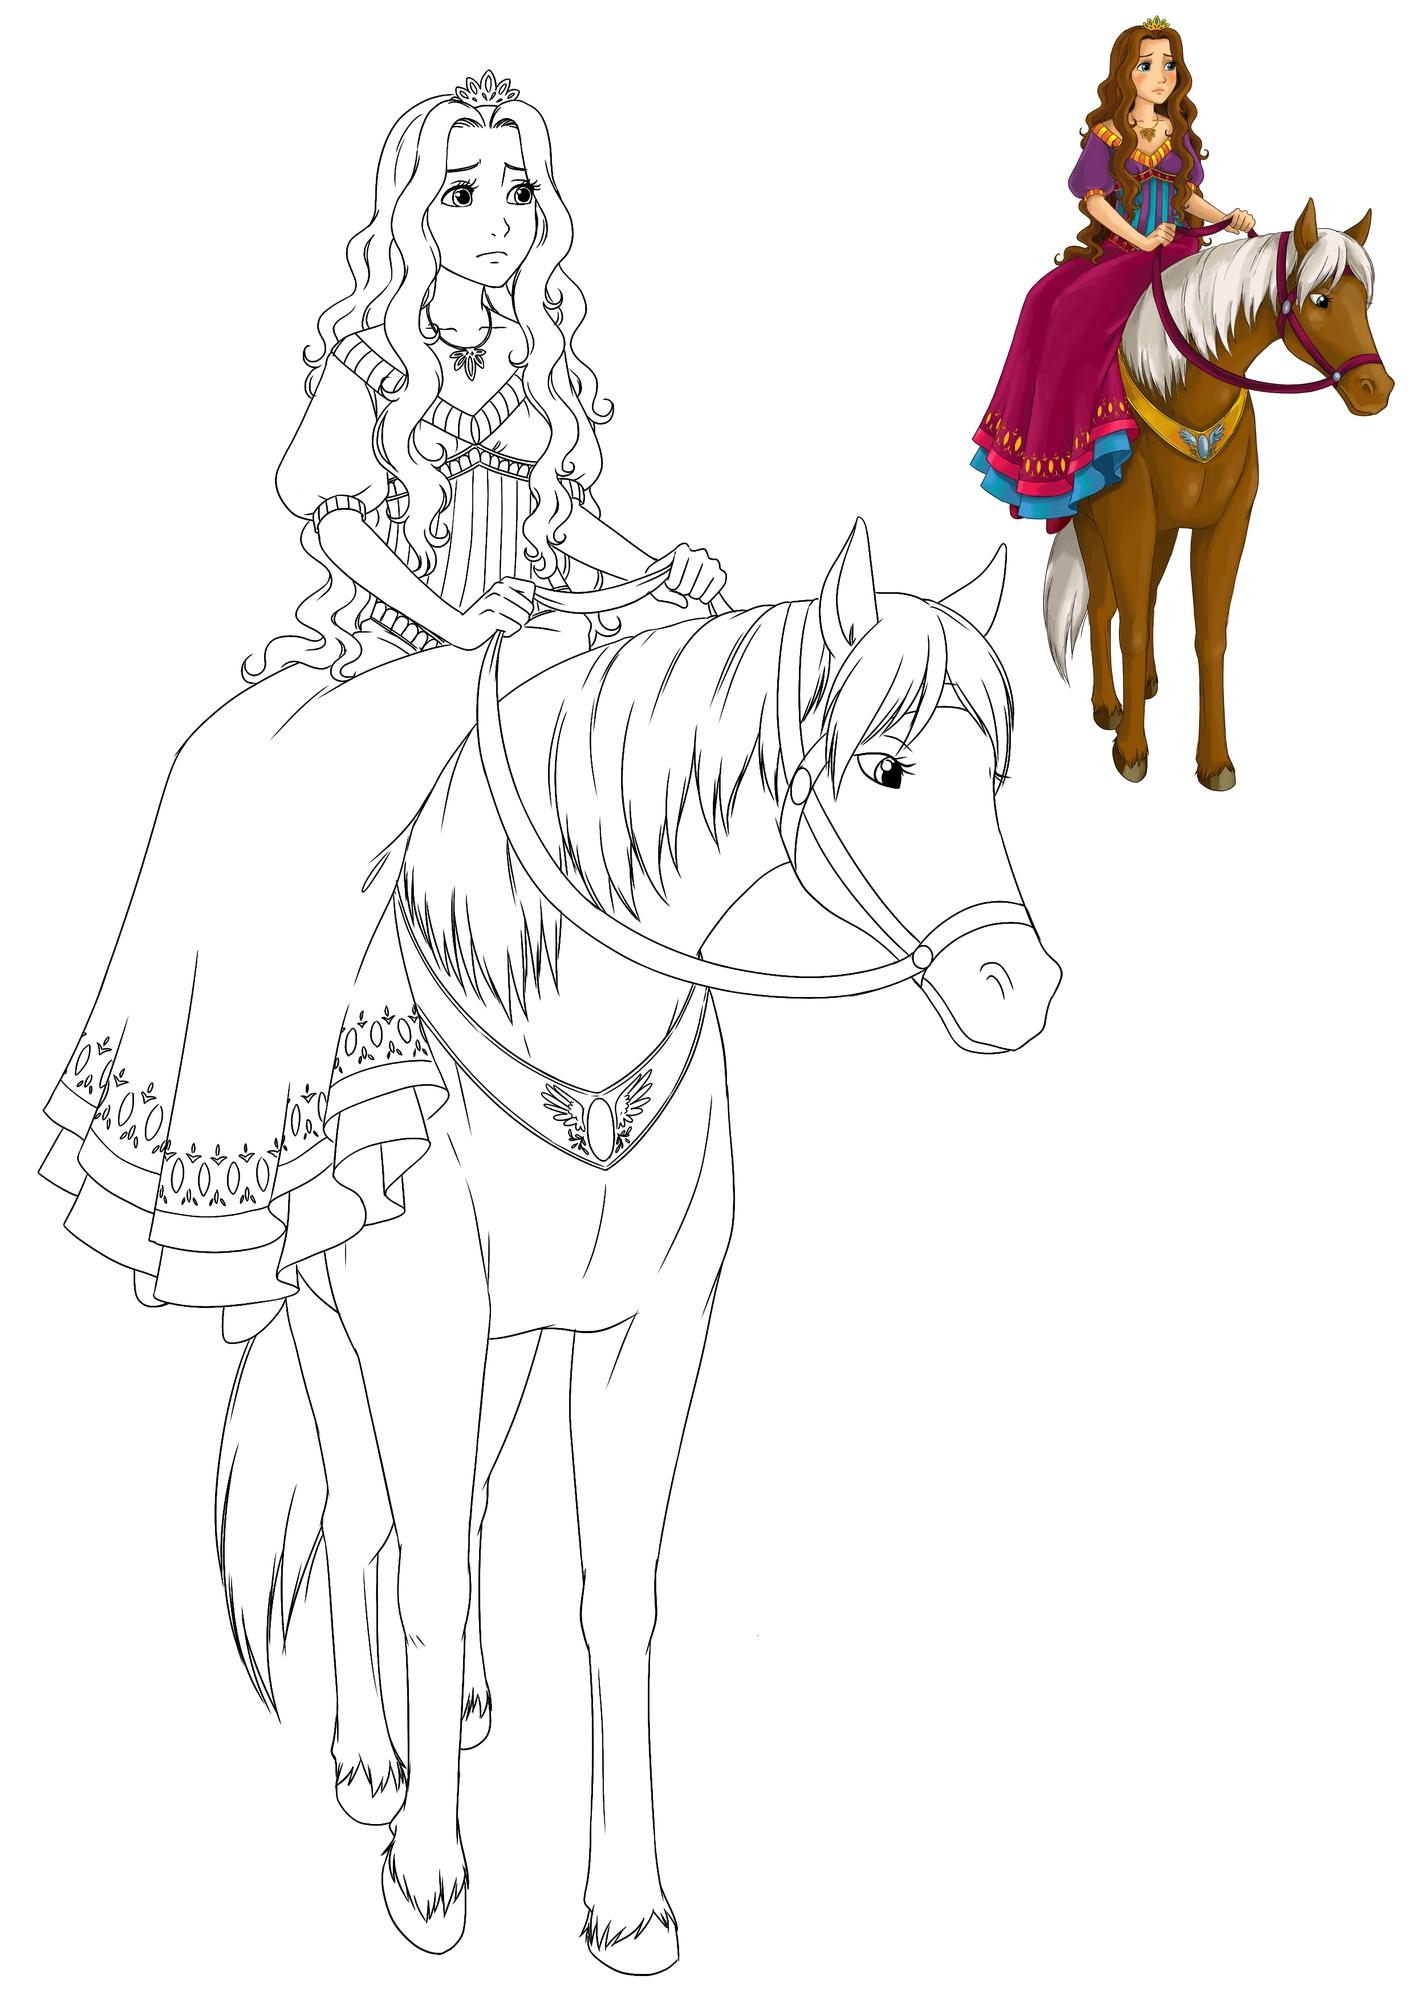 Coloriage À Imprimer : Une Belle Princesse Sur Son Cheval tout Coloriage À Imprimer De Cheval